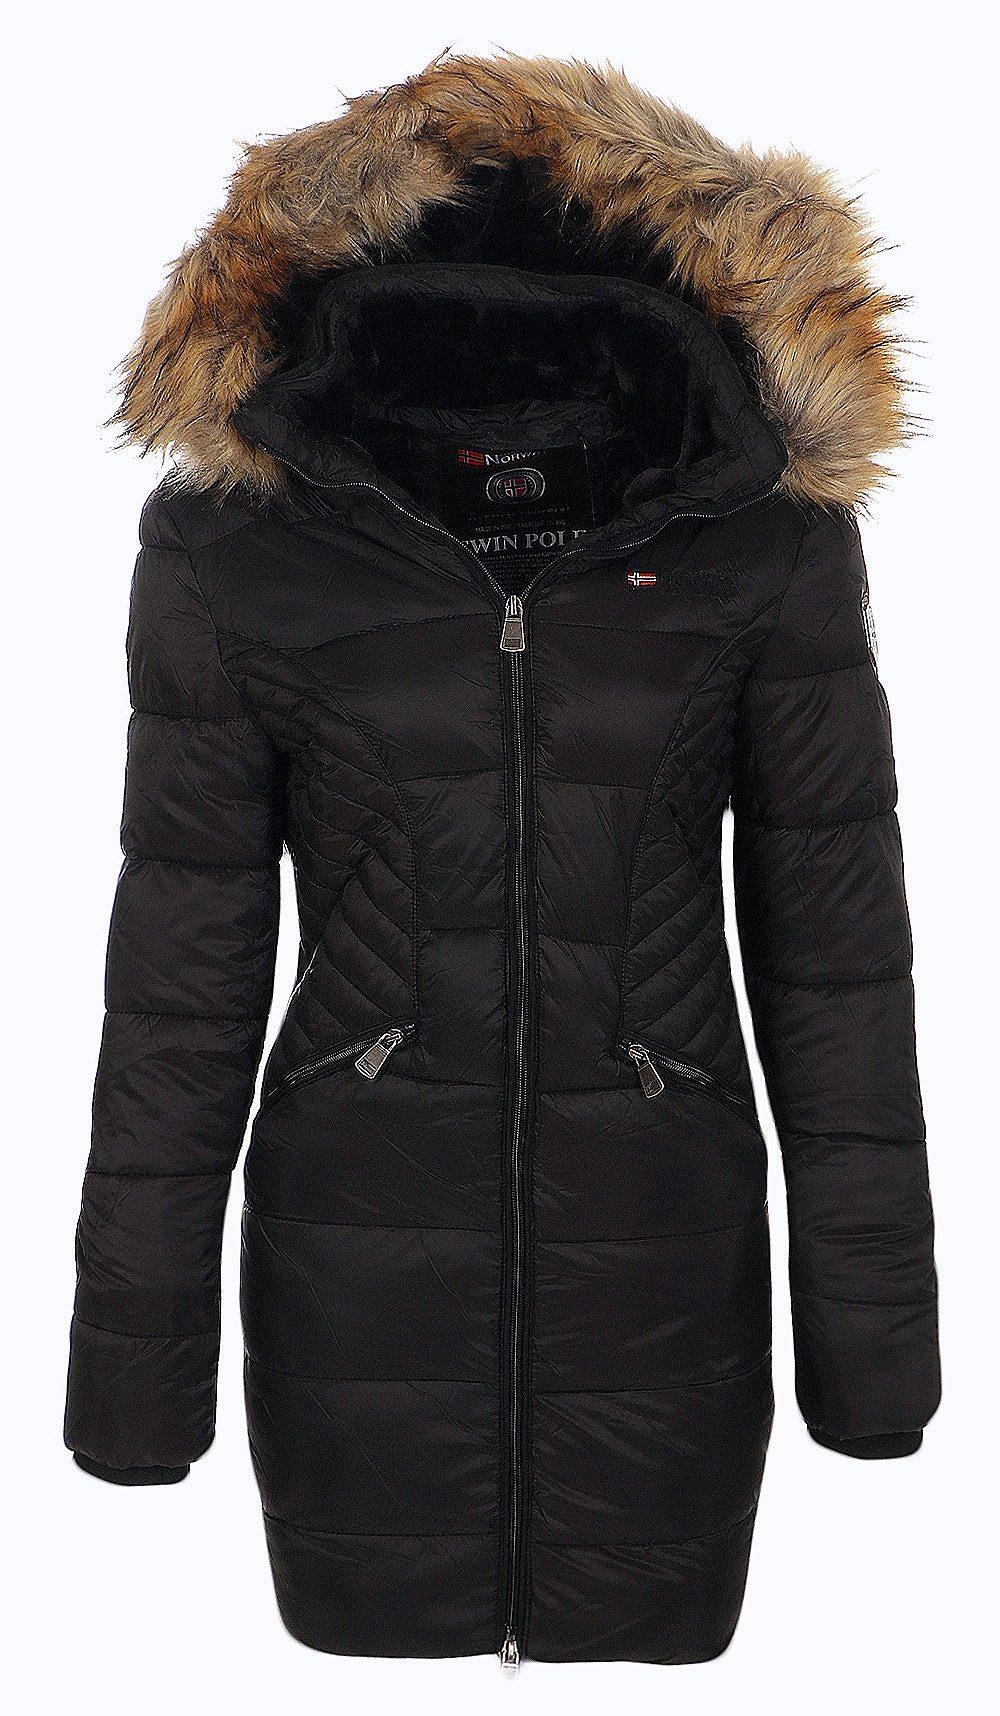 geographical norway damen winter mantel jacke coat parka. Black Bedroom Furniture Sets. Home Design Ideas